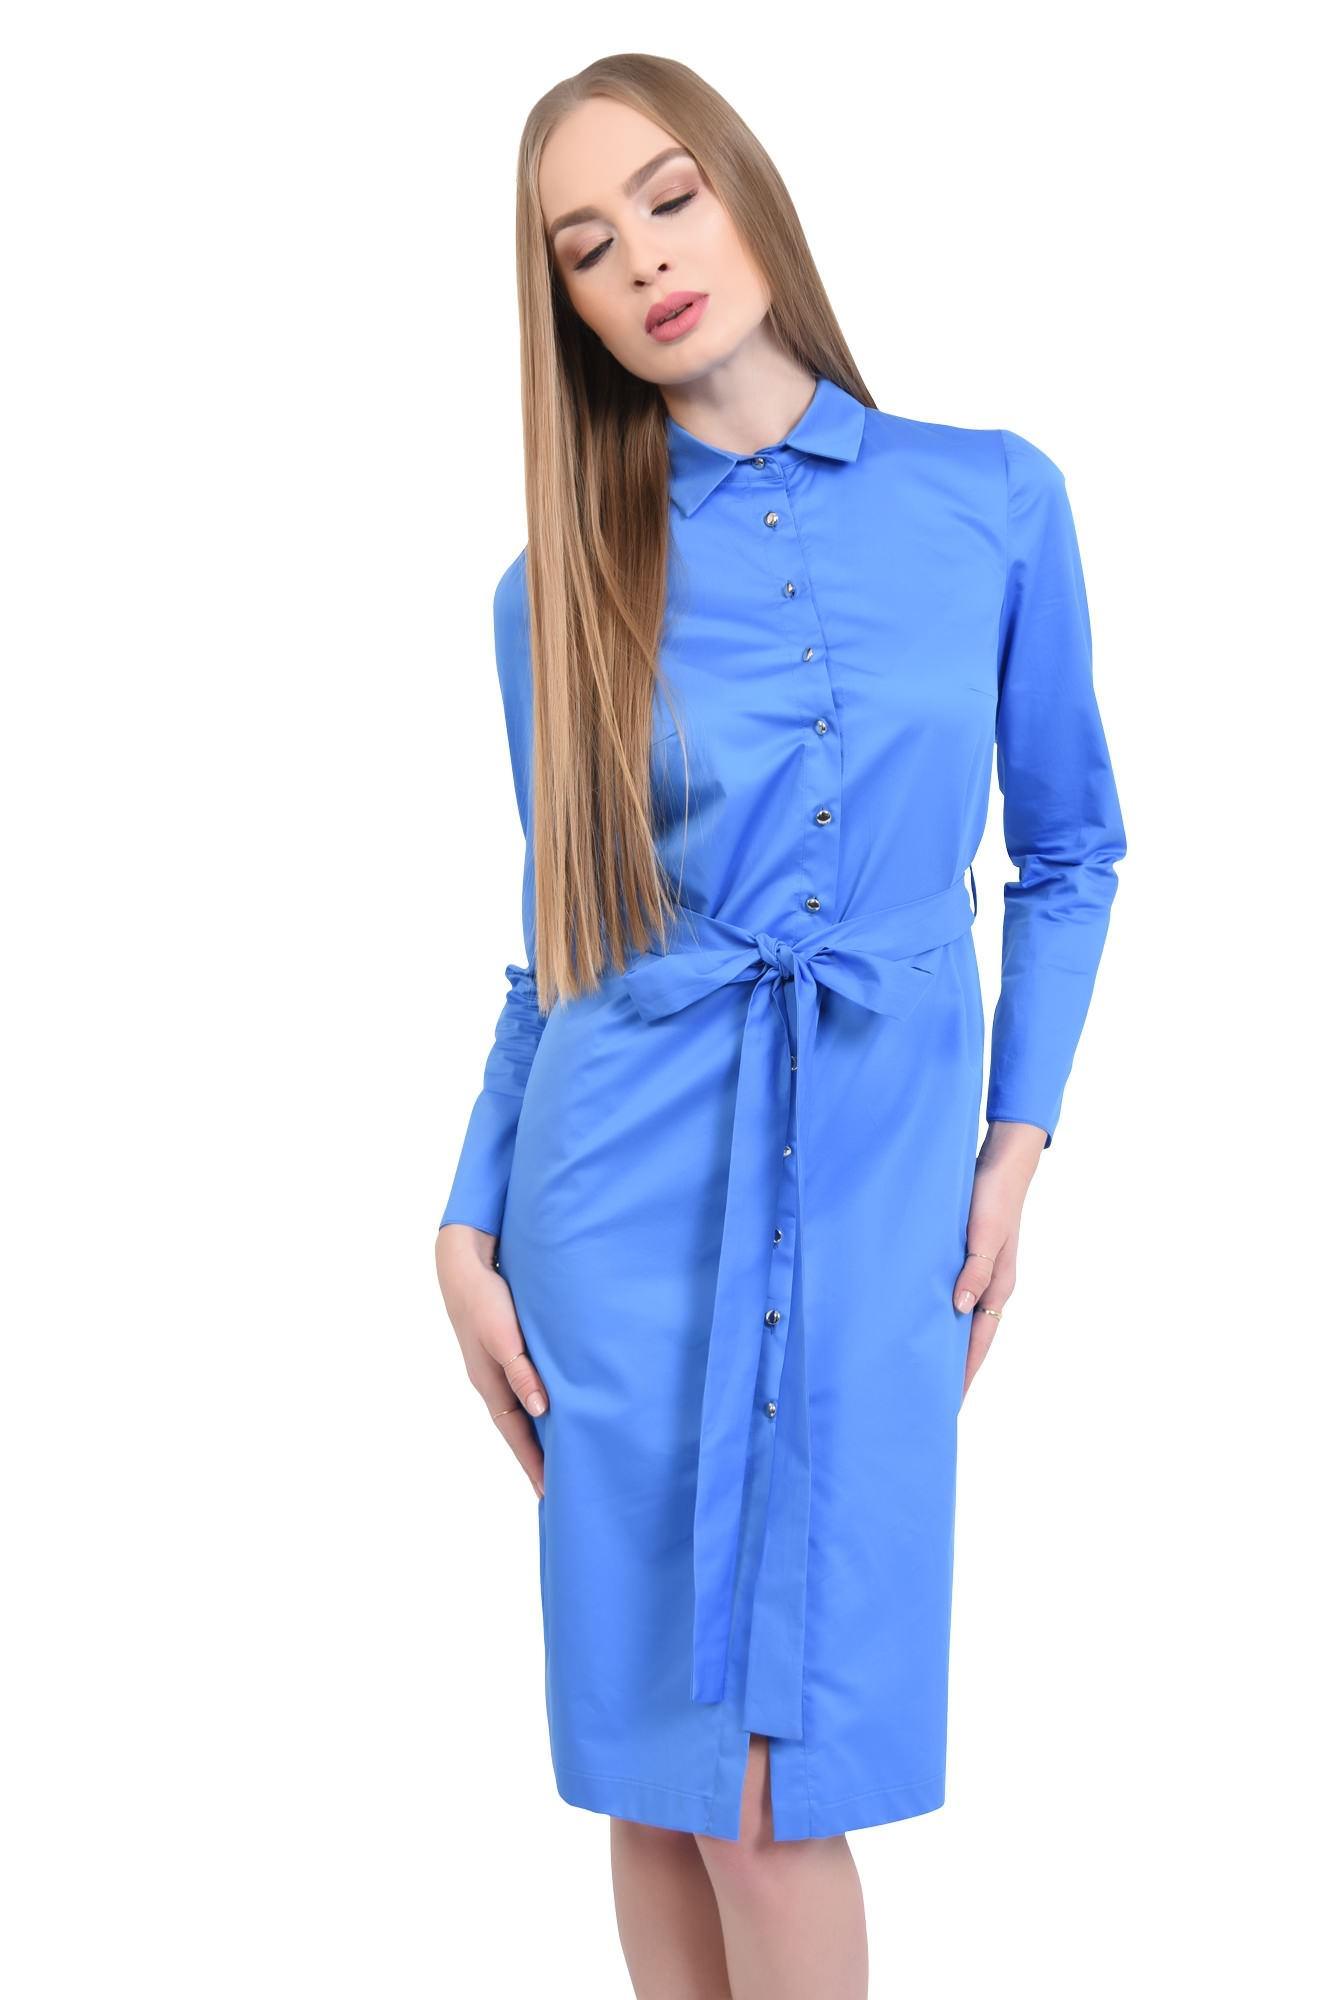 0 - Rochie casual, albastra